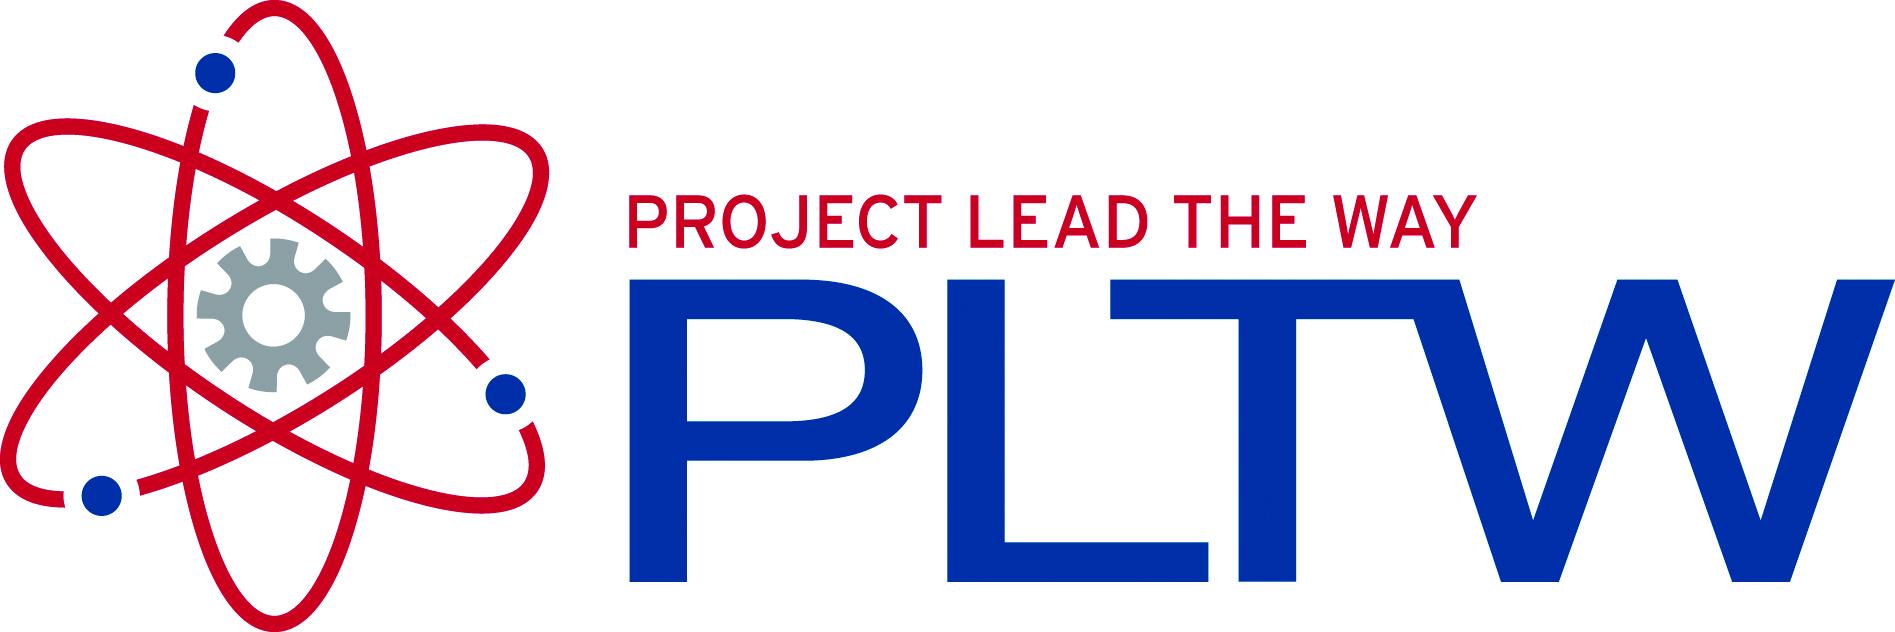 المشروع يقود الطريق